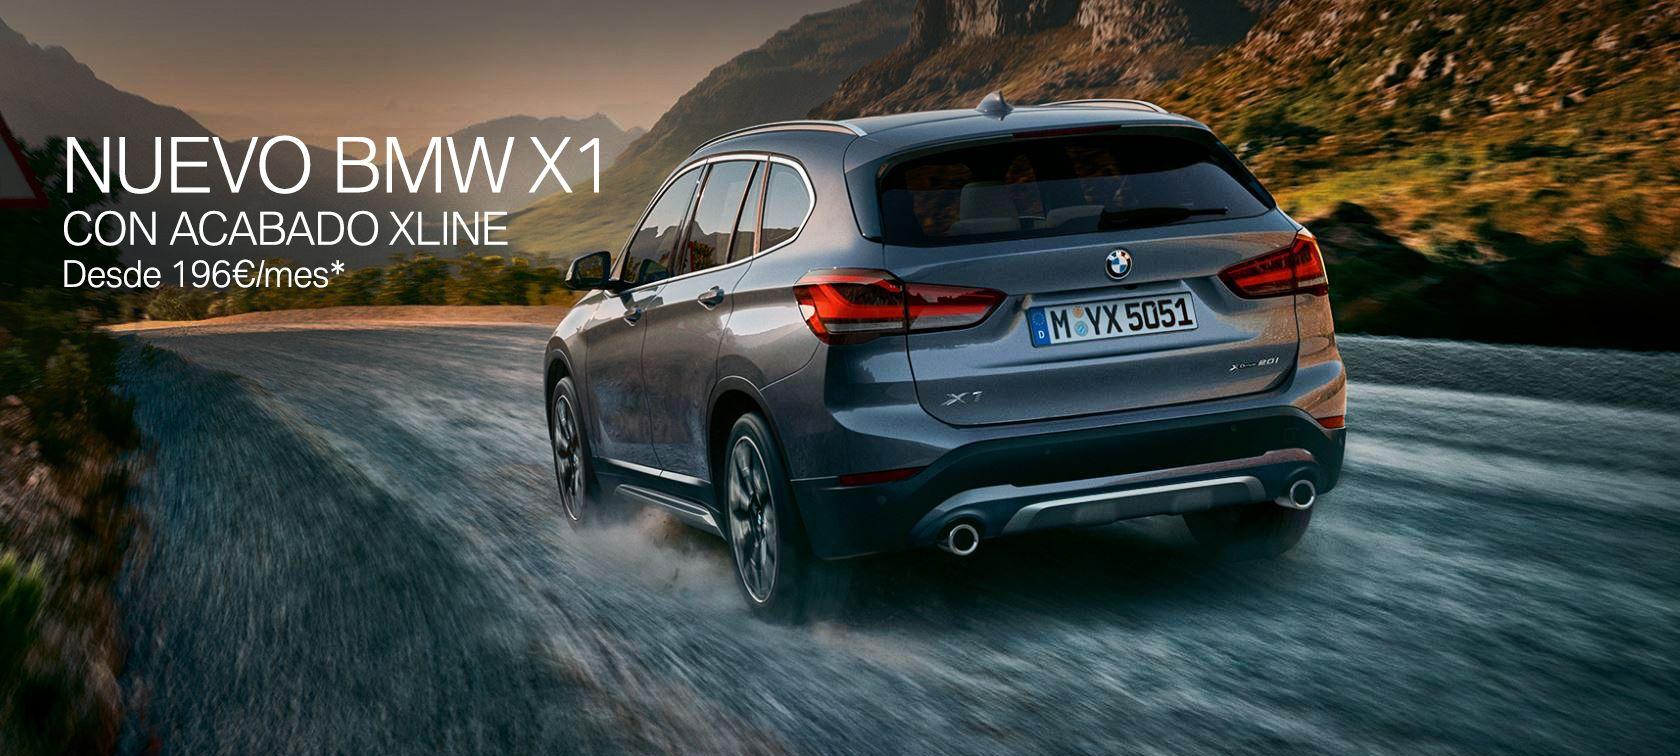 NUEVO BMW X1 DESDE 196€ AL MES*